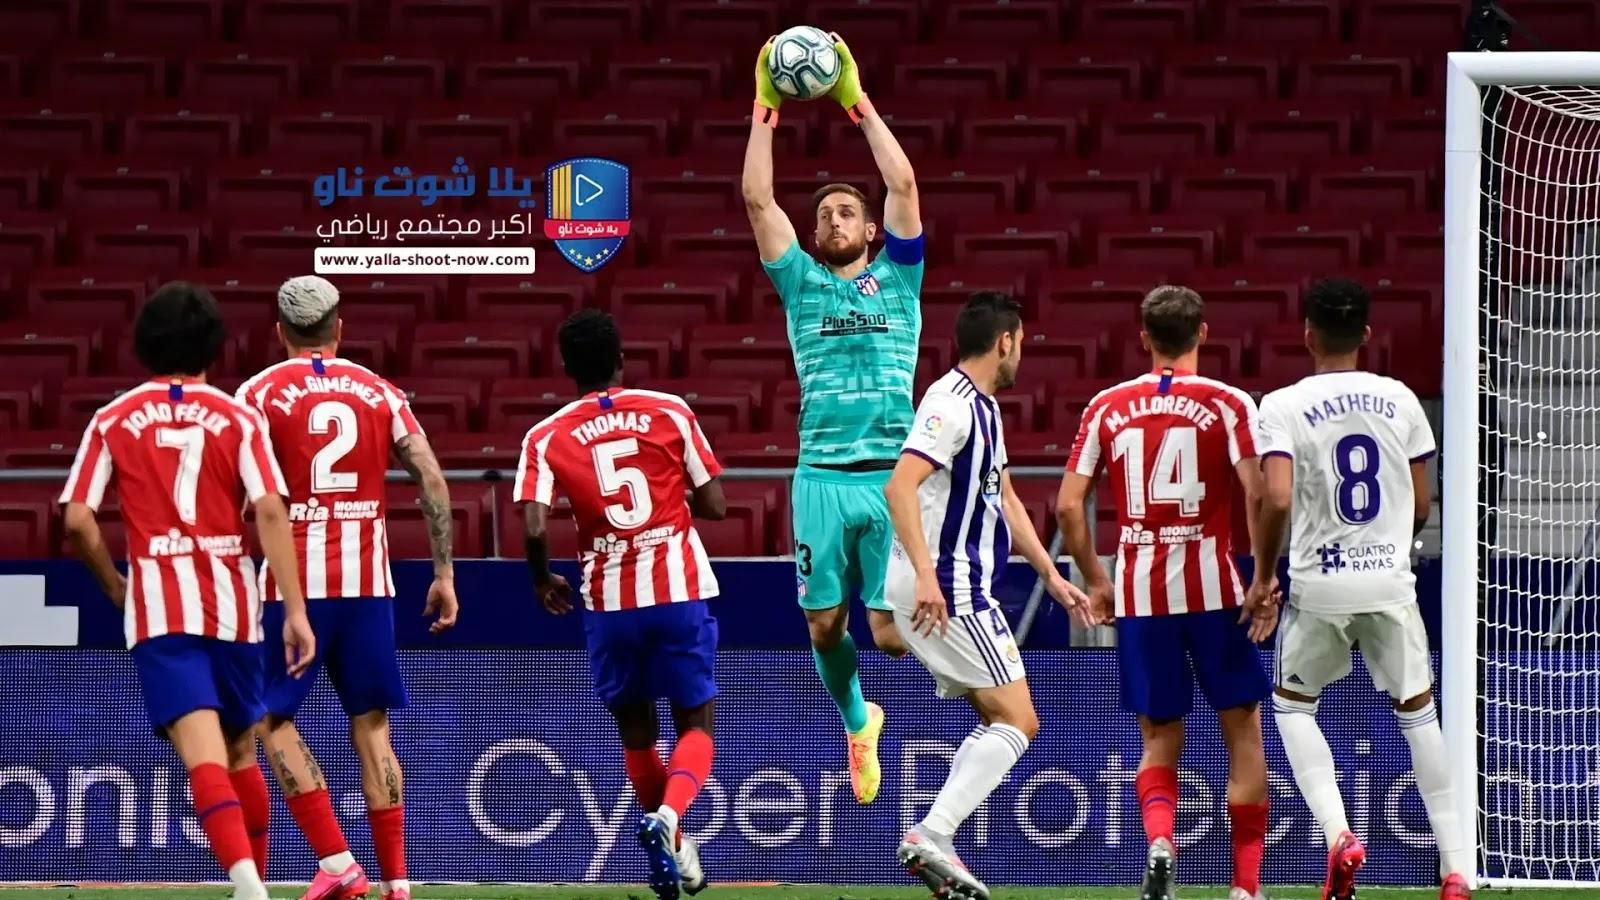 تقرير مباراة اتلتيكو مدريد وتشيلسي دوري ابطال اوروبا